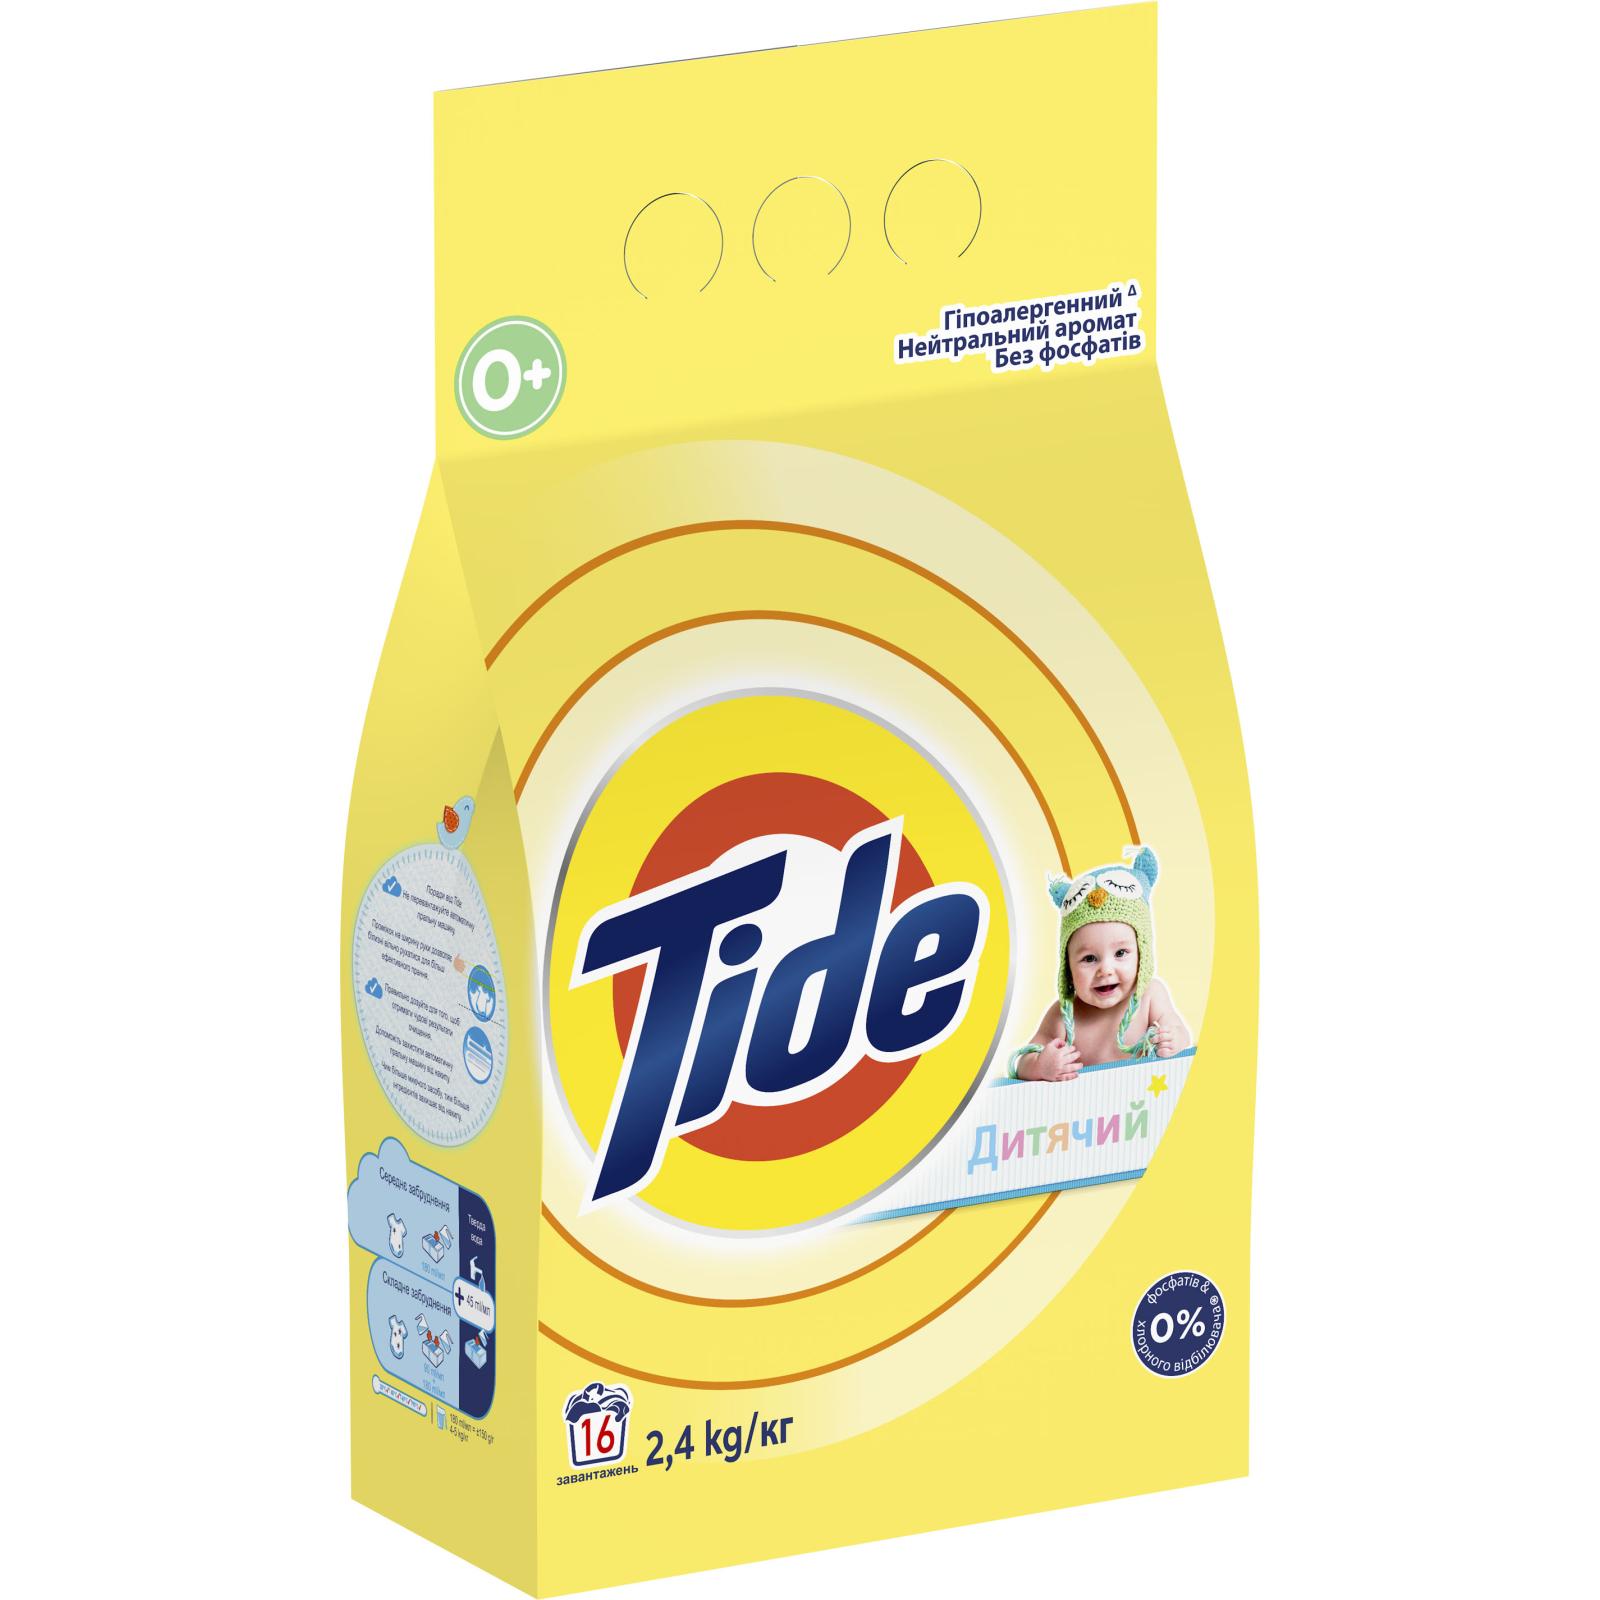 Стиральный порошок Tide Детский 400 г (4015600799830) изображение 2